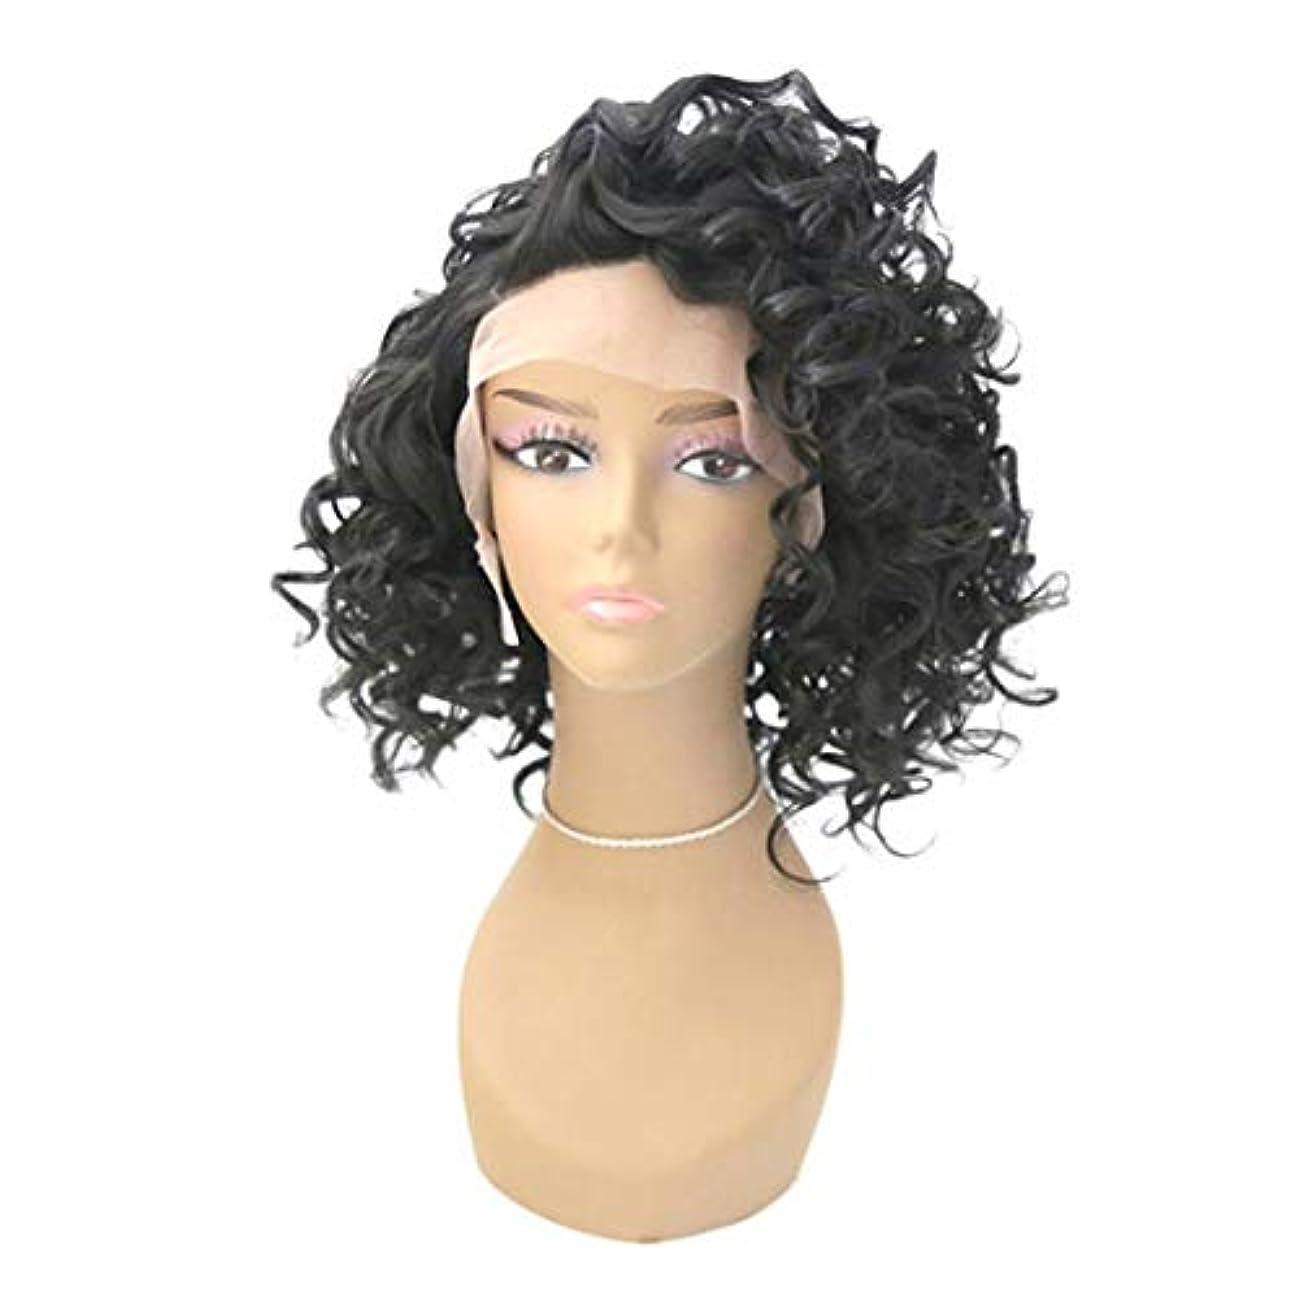 しないでくださいほめるミシン目Kerwinner 合成かつらレースフロントかつら赤ん坊の毛髪自然な生え際耐熱ファイバーレースかつらで長い緩い巻き毛かつら女性のための自然な黒のかつら (Size : 24inch)